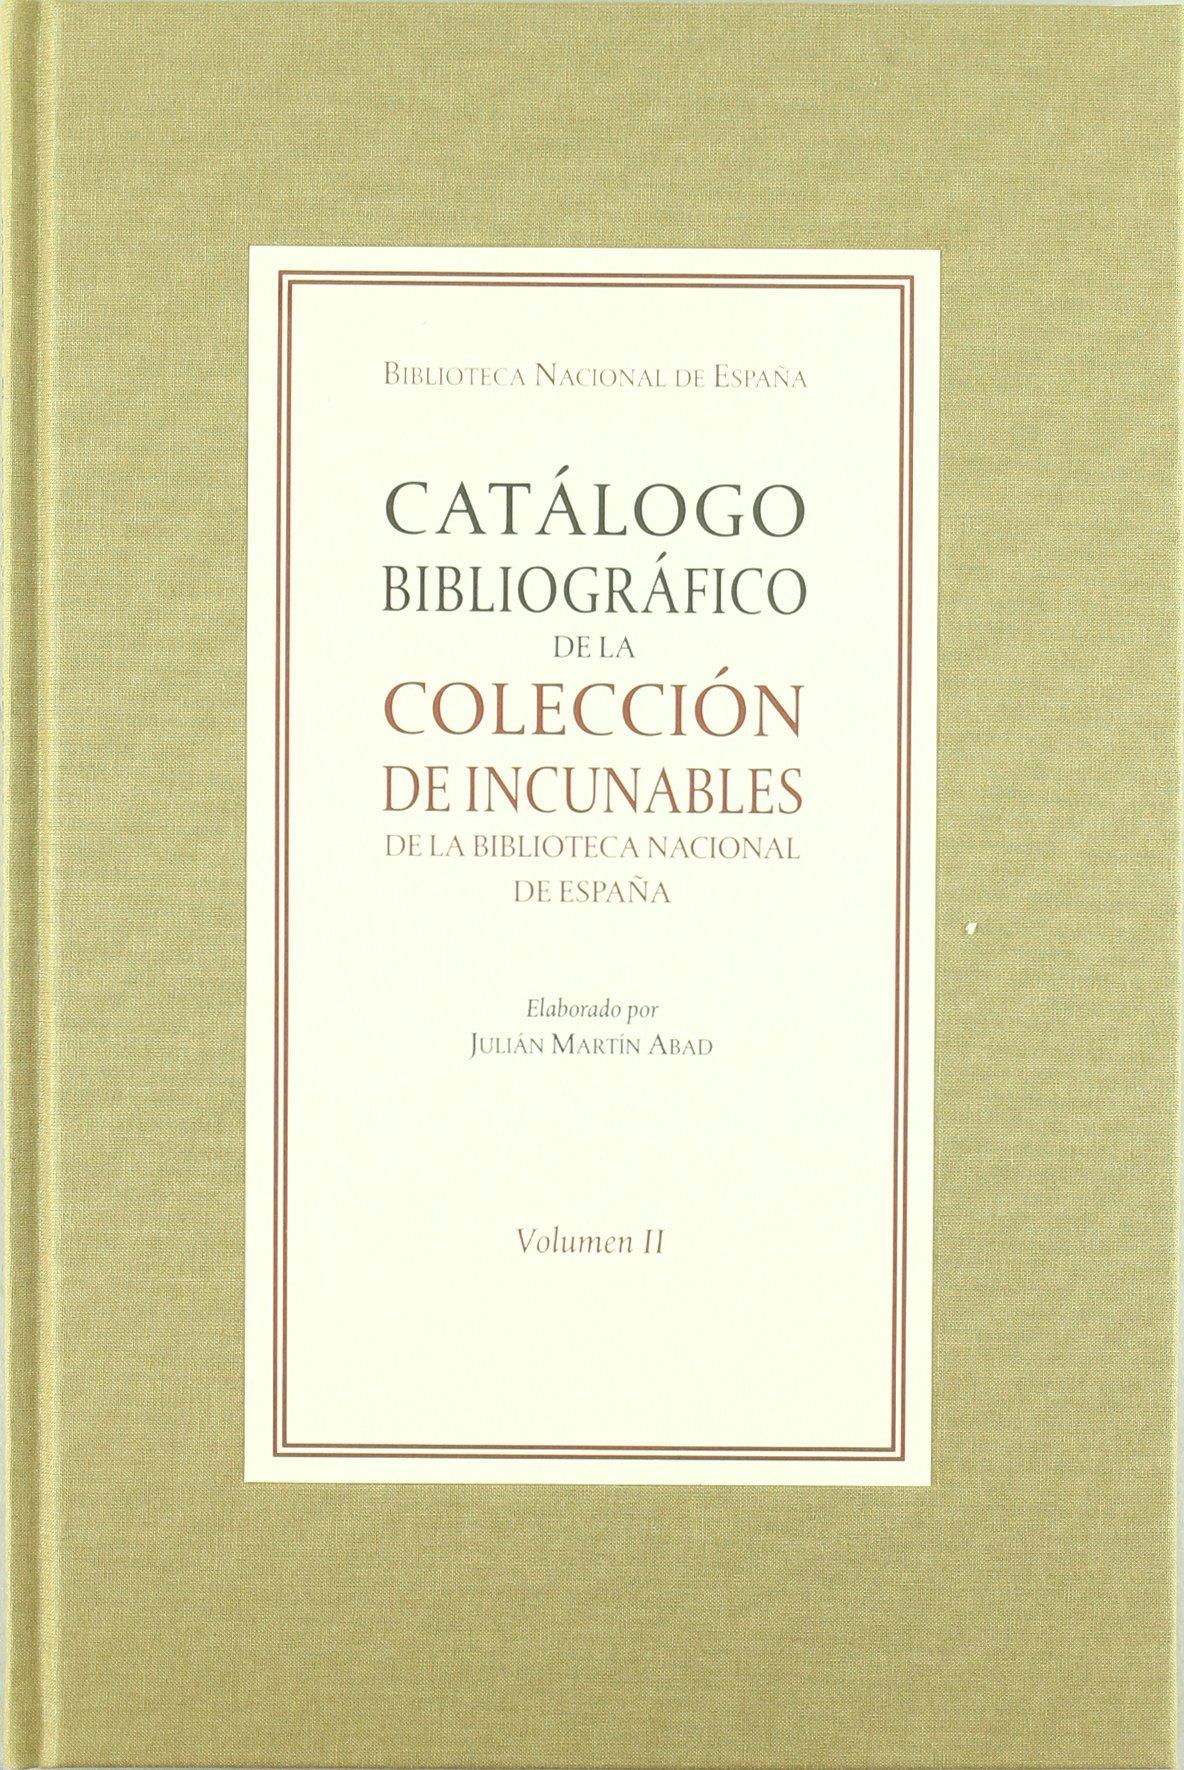 Catálogo bibliográfico de la colección de incunables de la ...